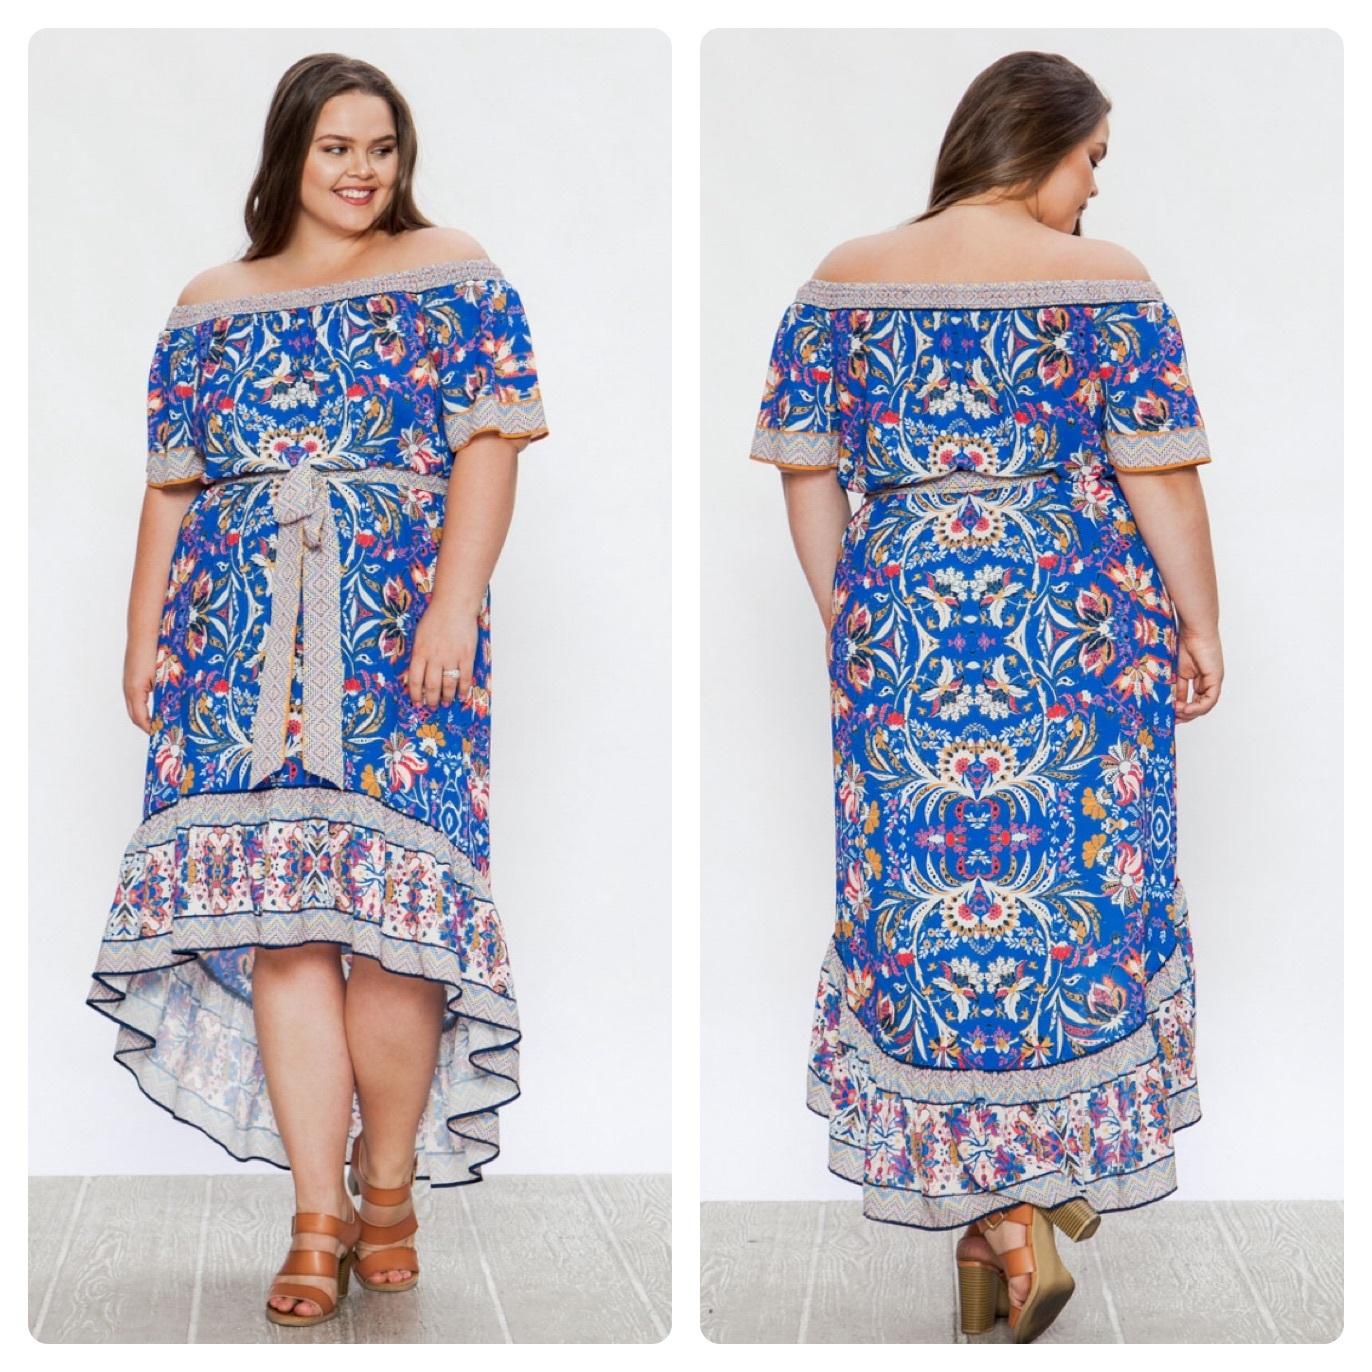 PRINTED  DRESS - $50